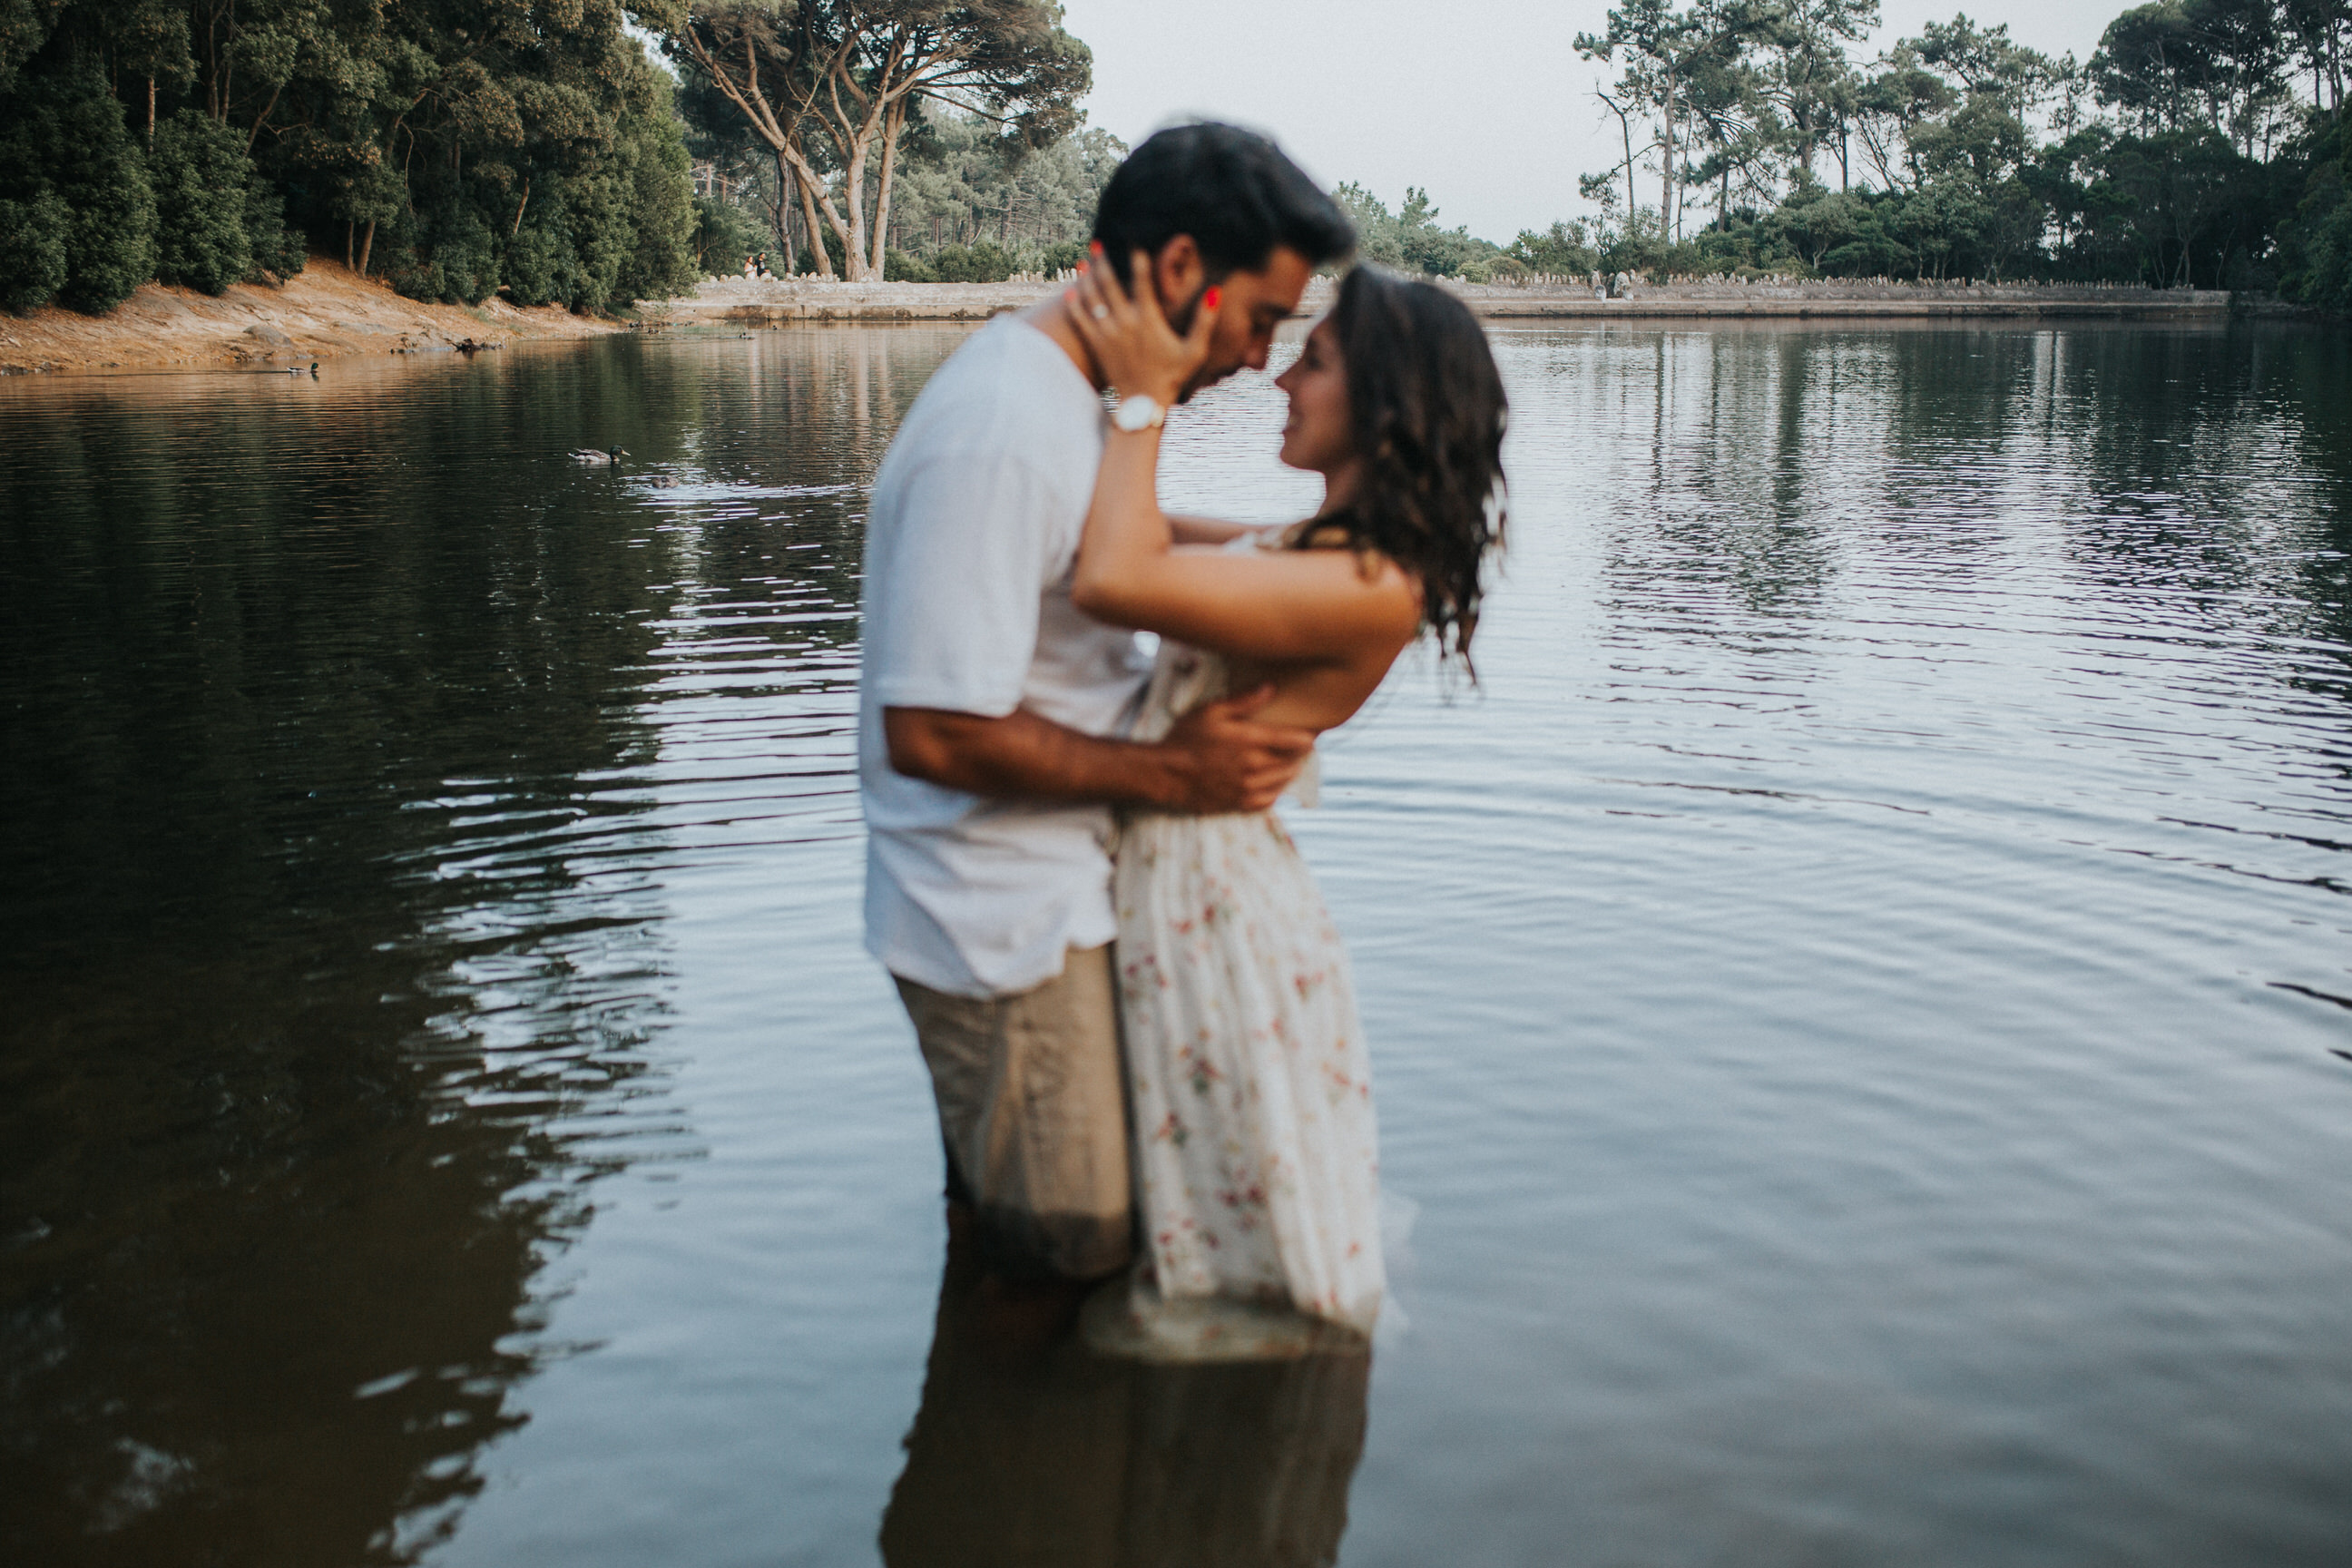 23 Cristiana&André-engagement-love-session-solteiros-noivado-foto-natural-Filipe-Santiago-Fotografia-Lisboa-Sintra-Mafra-Malveira-Torres-Vedras-Fotografos-preços